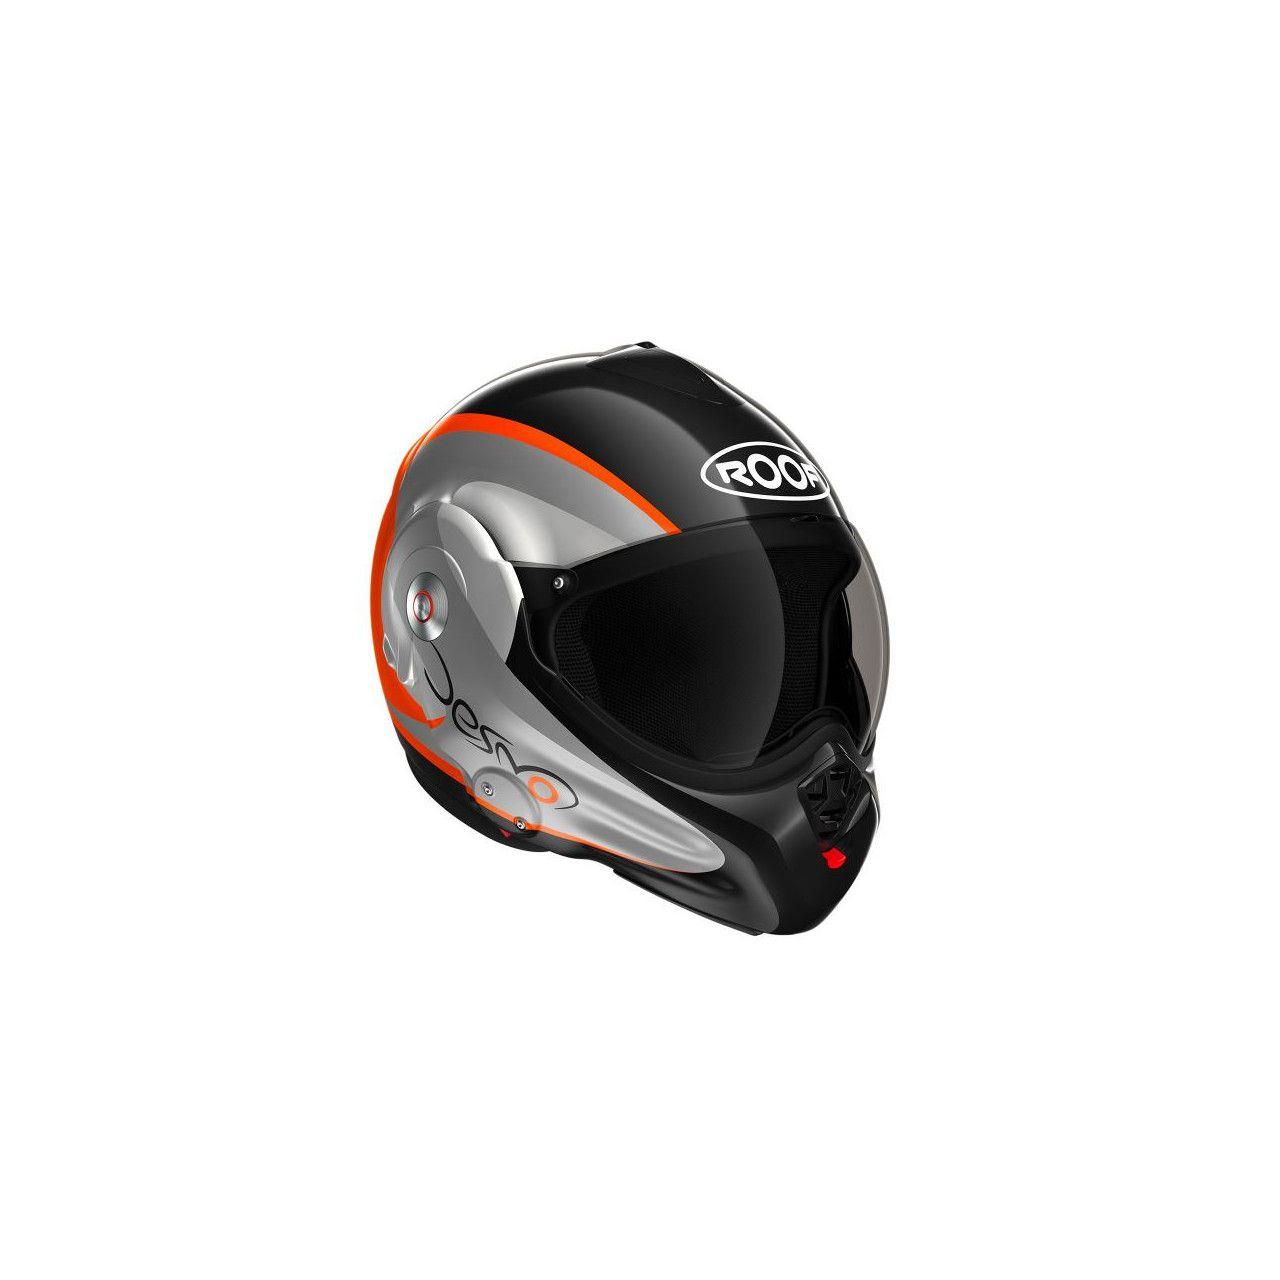 ROOF Casque RO32 Desmo Fluo Noir Orange